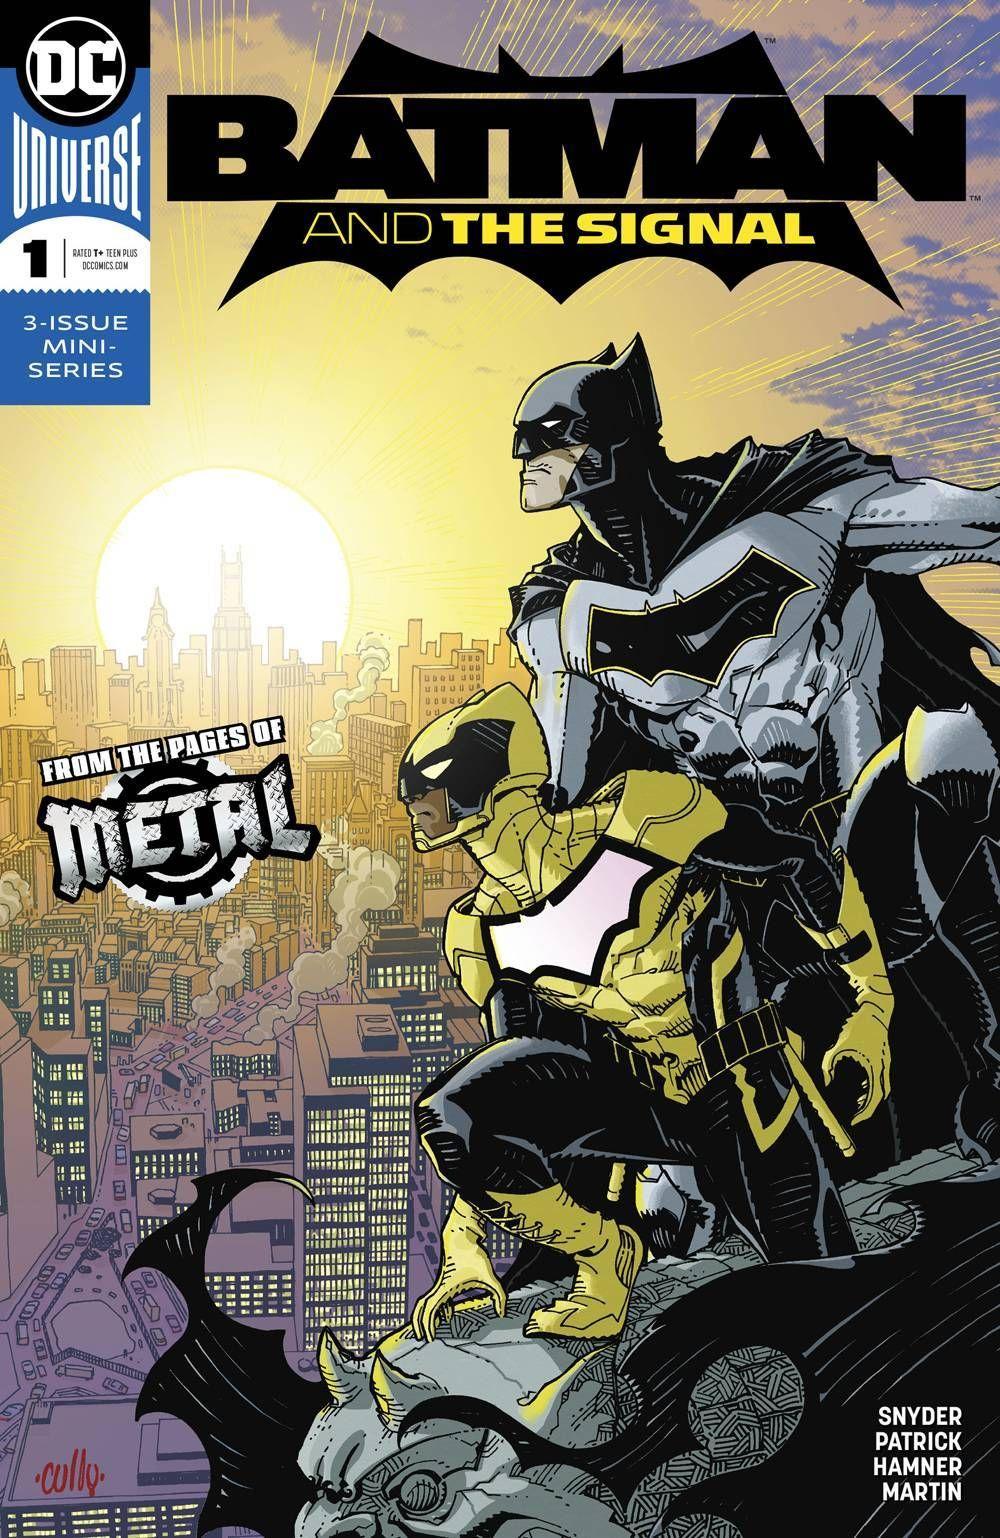 Capa de Batman and the Signal #1 por Cully Hamner. Minissérie sairá encadernada pela Panini.